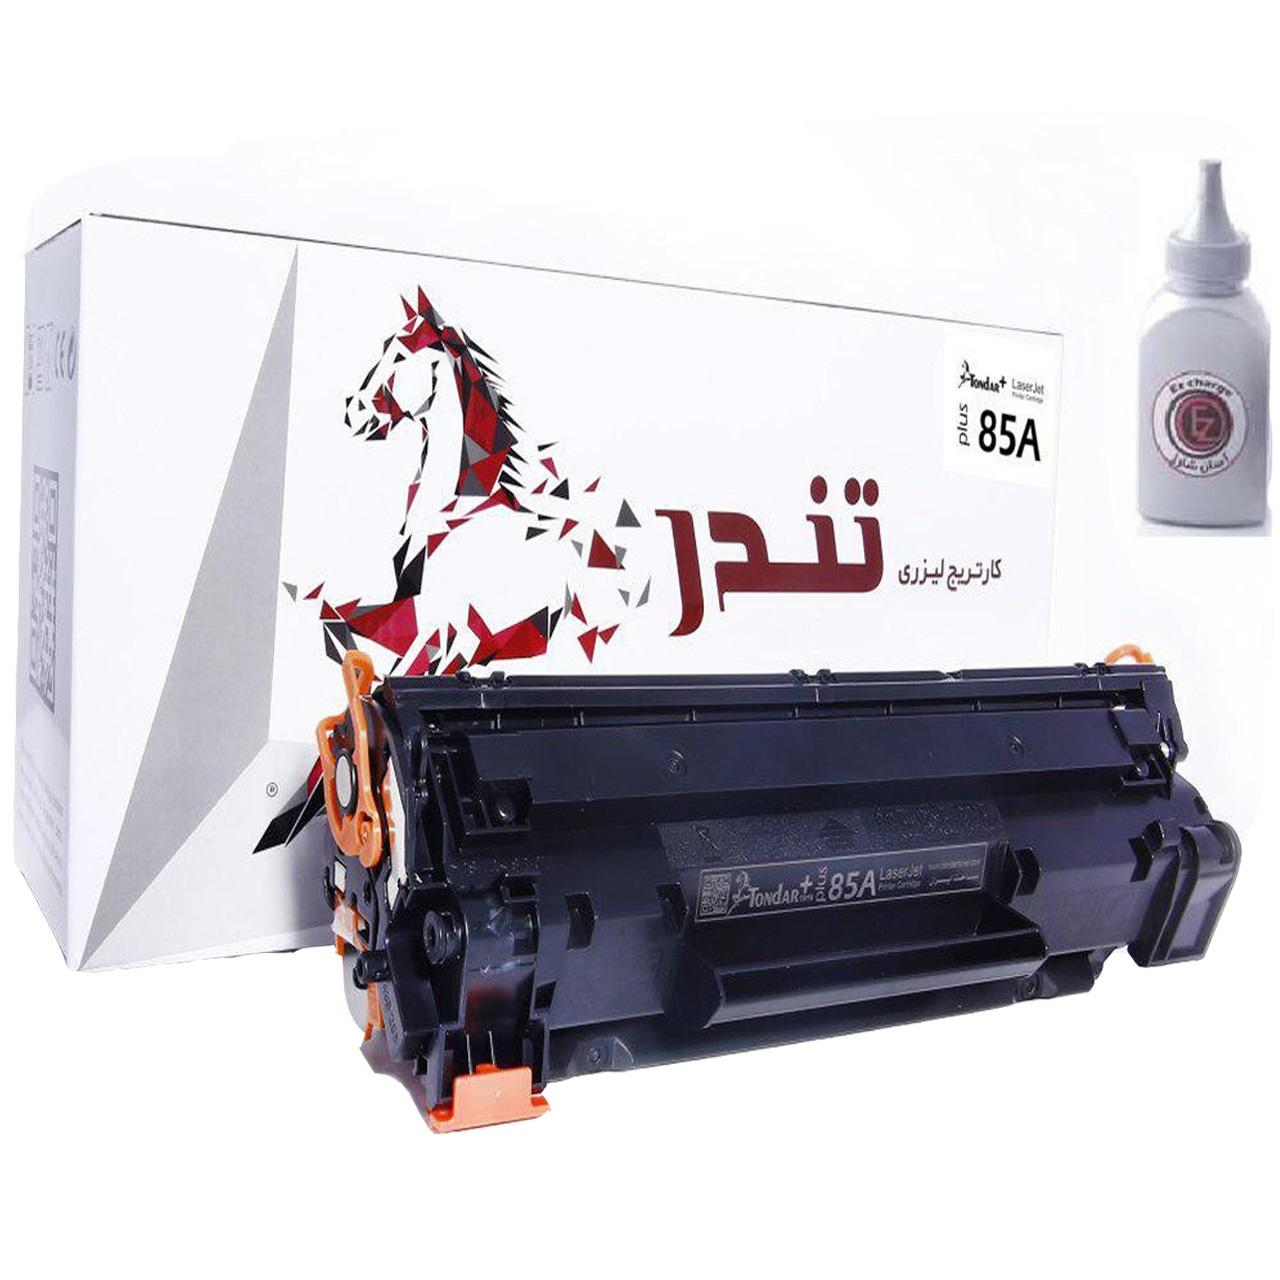 تونر تندر مشکی مدل 85A به همراه تونرشارژ 100 گرمی